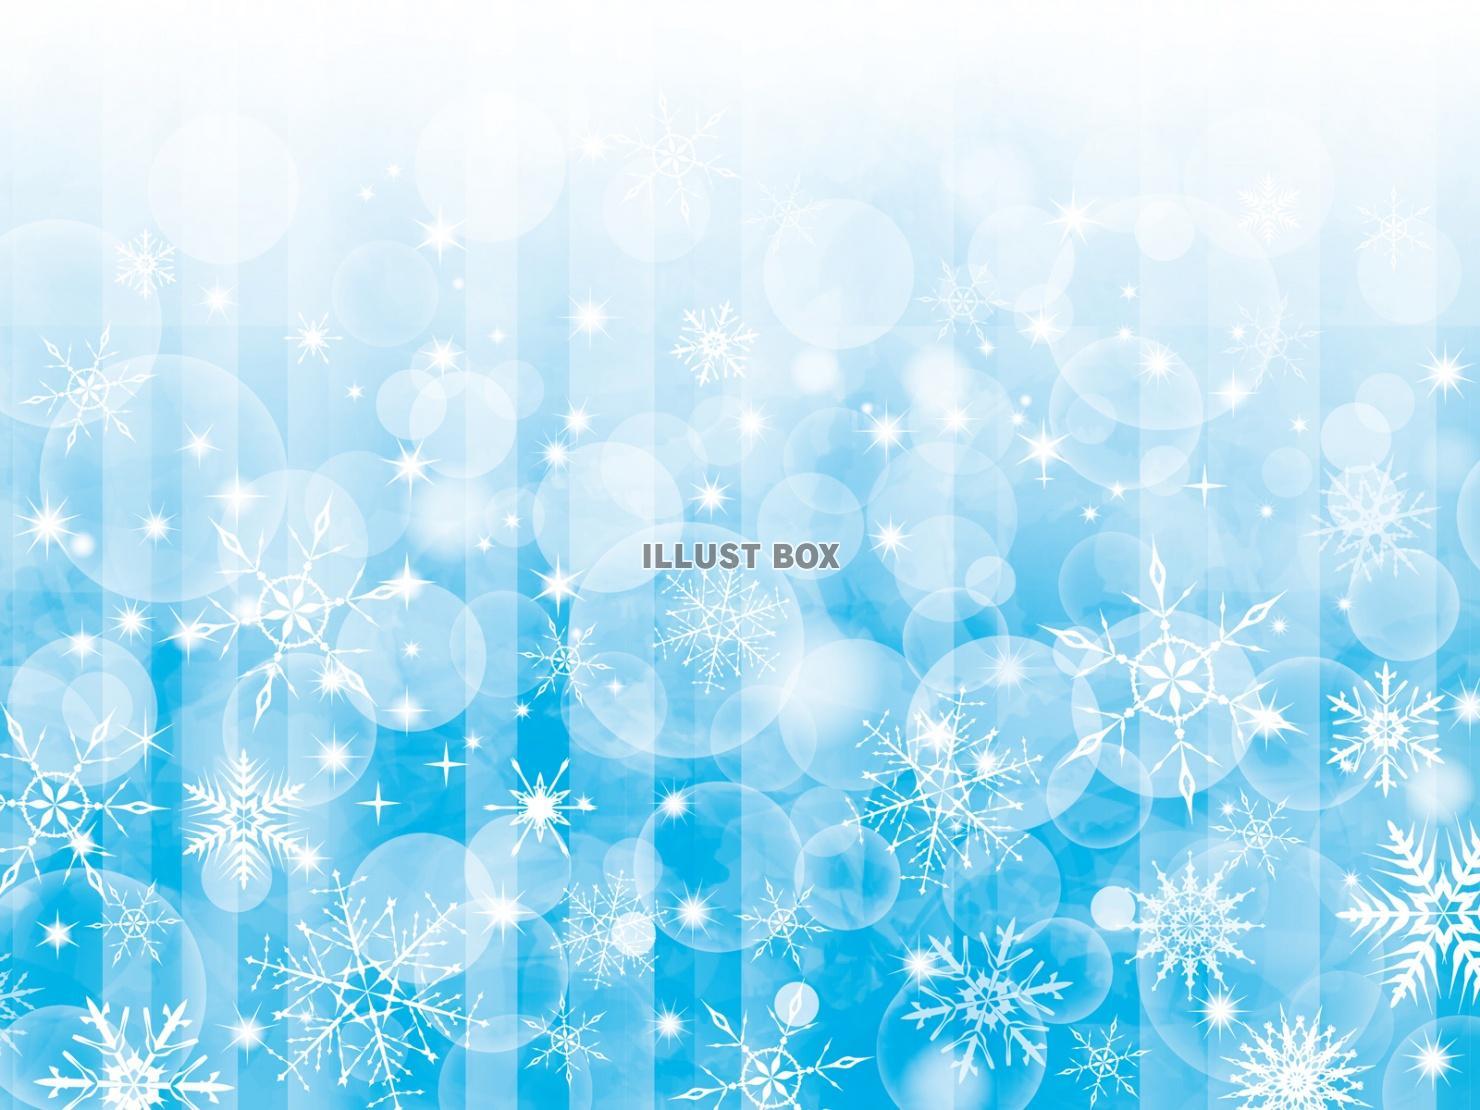 無料イラスト 雪背景キラキラ雪の結晶結晶壁紙イラスト冬きら